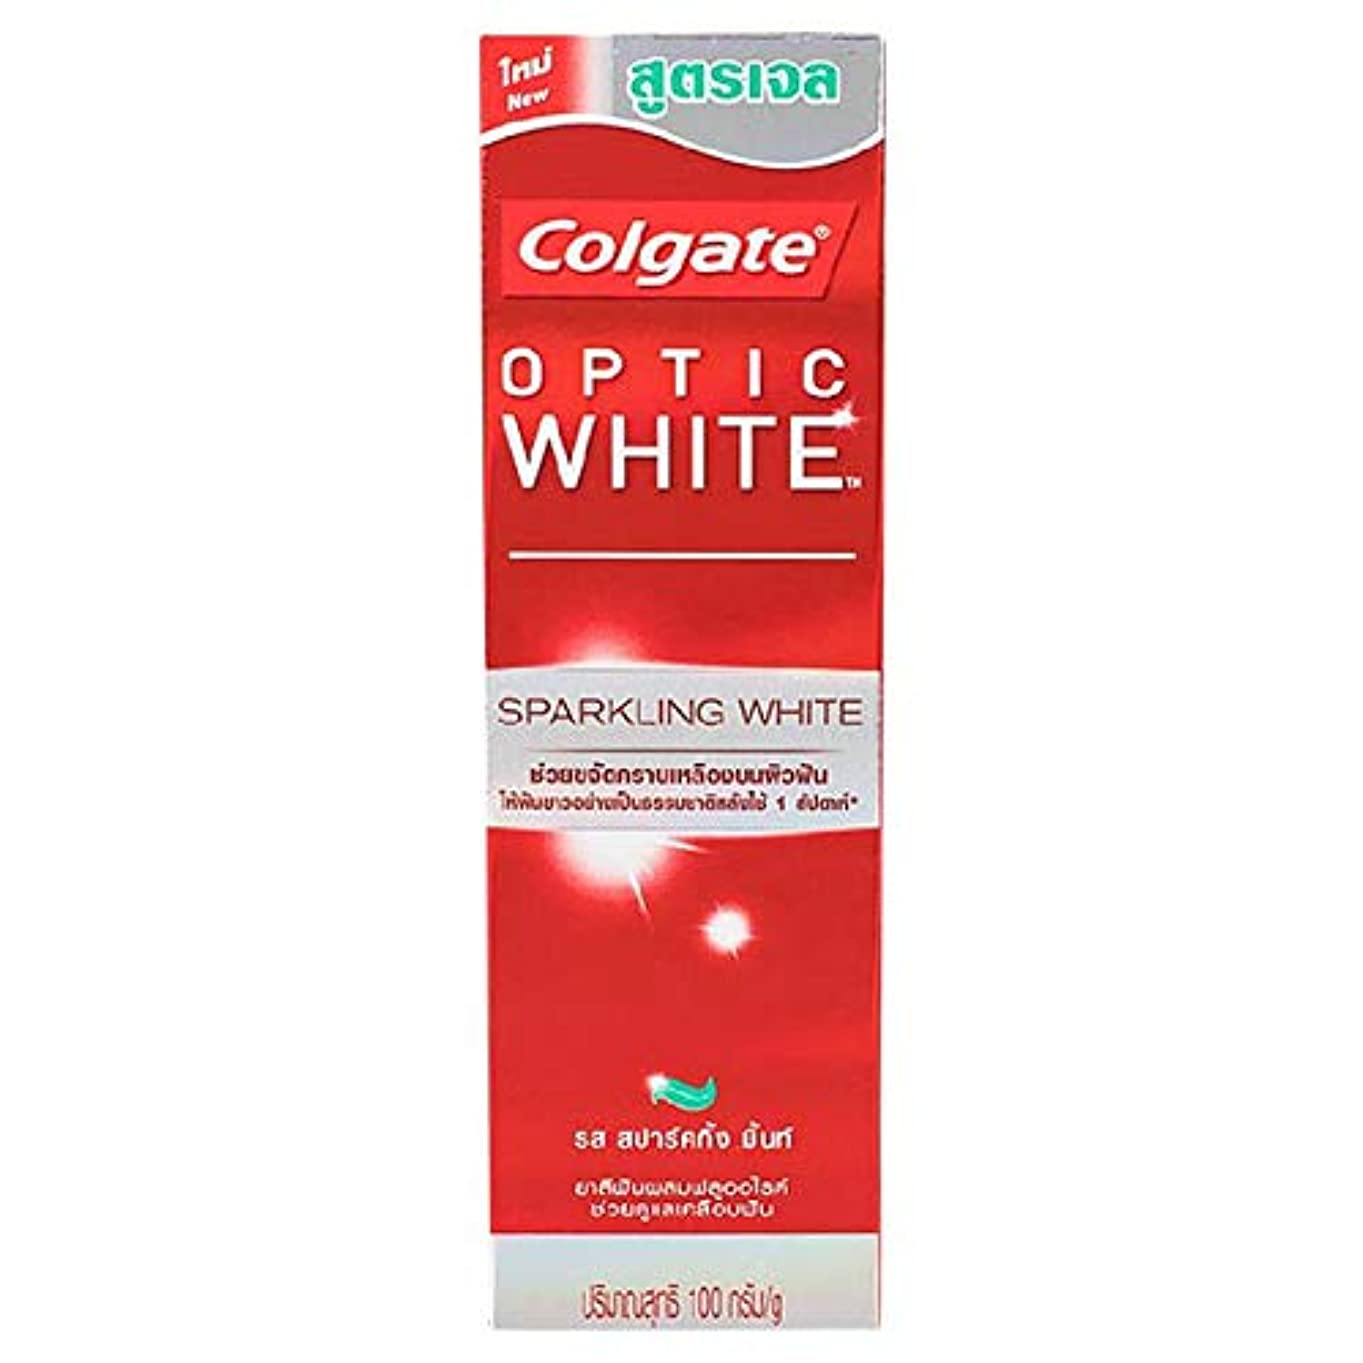 バルーンペレグリネーション断言する(コルゲート)Colgate 歯磨き粉 「オプティック ホワイト 」 (スパークリングホワイト)